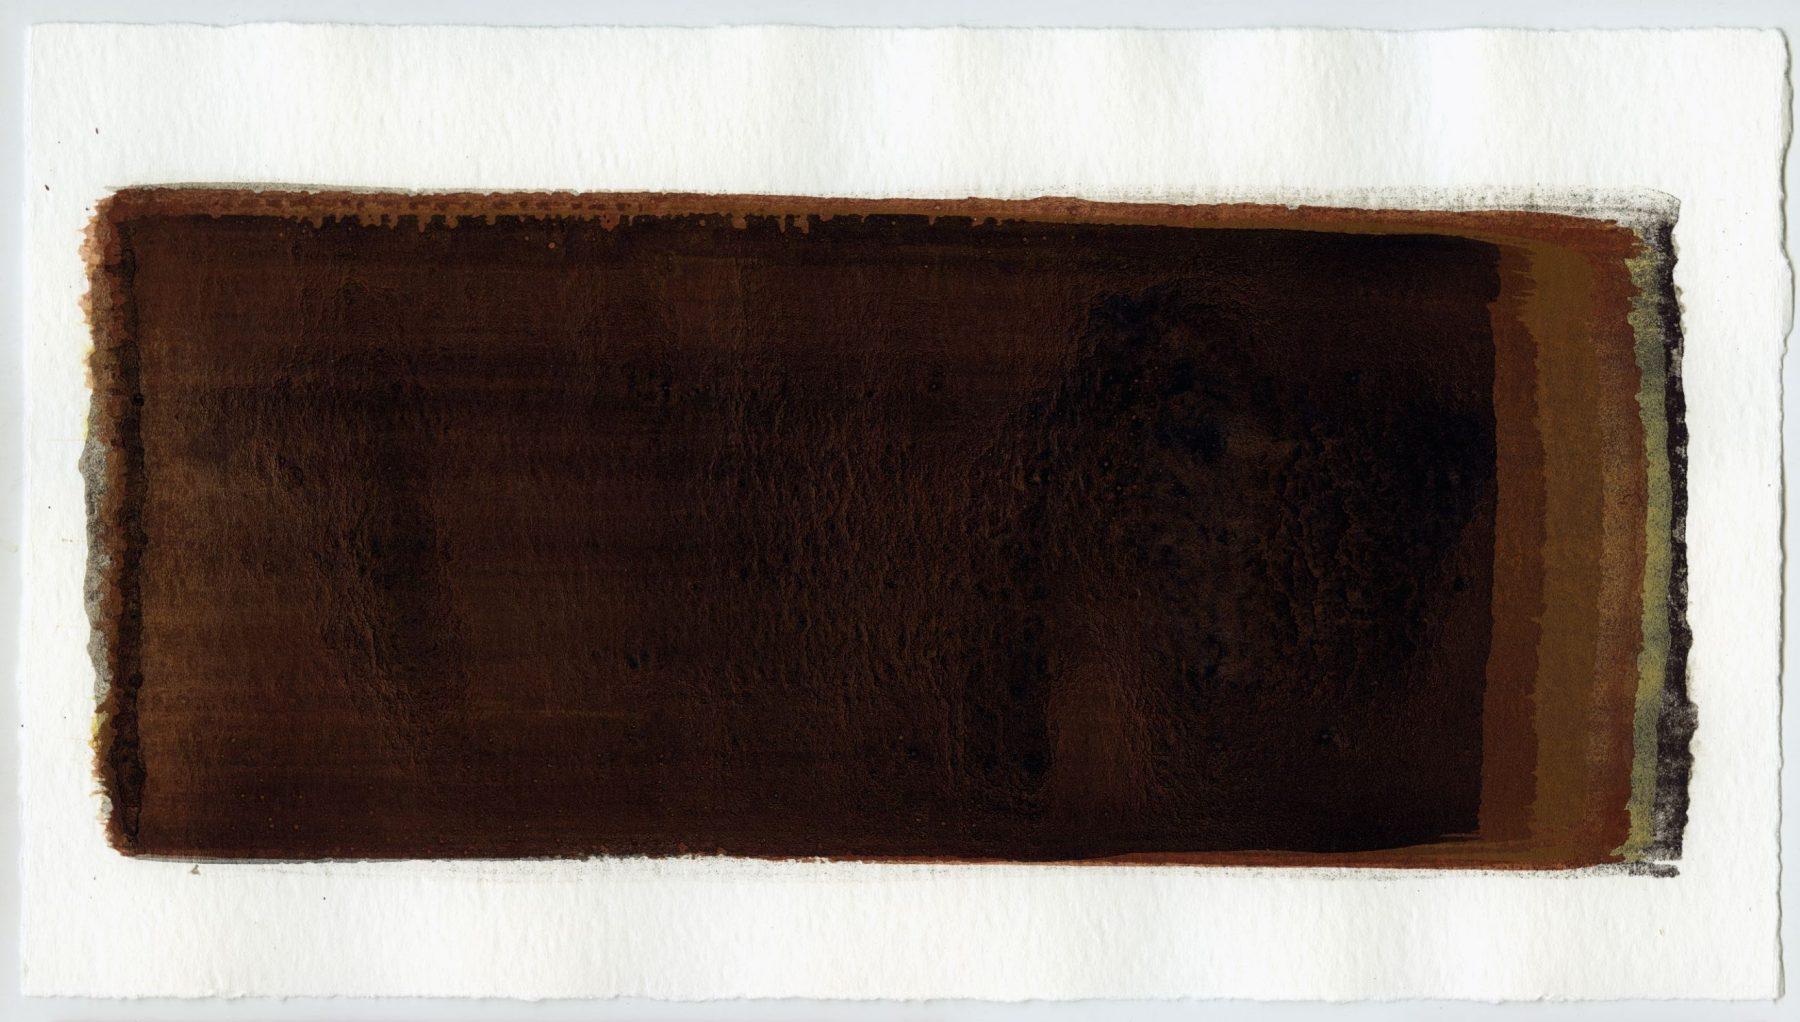 Brush stroke no. 64 - SOLD - Selfmade pigment: Mortel paarsgrijs grof, Mortelse oker, Mortelse oker gebrand, IJzeroer, IJzeroer gebrand, Slingerpad zwart